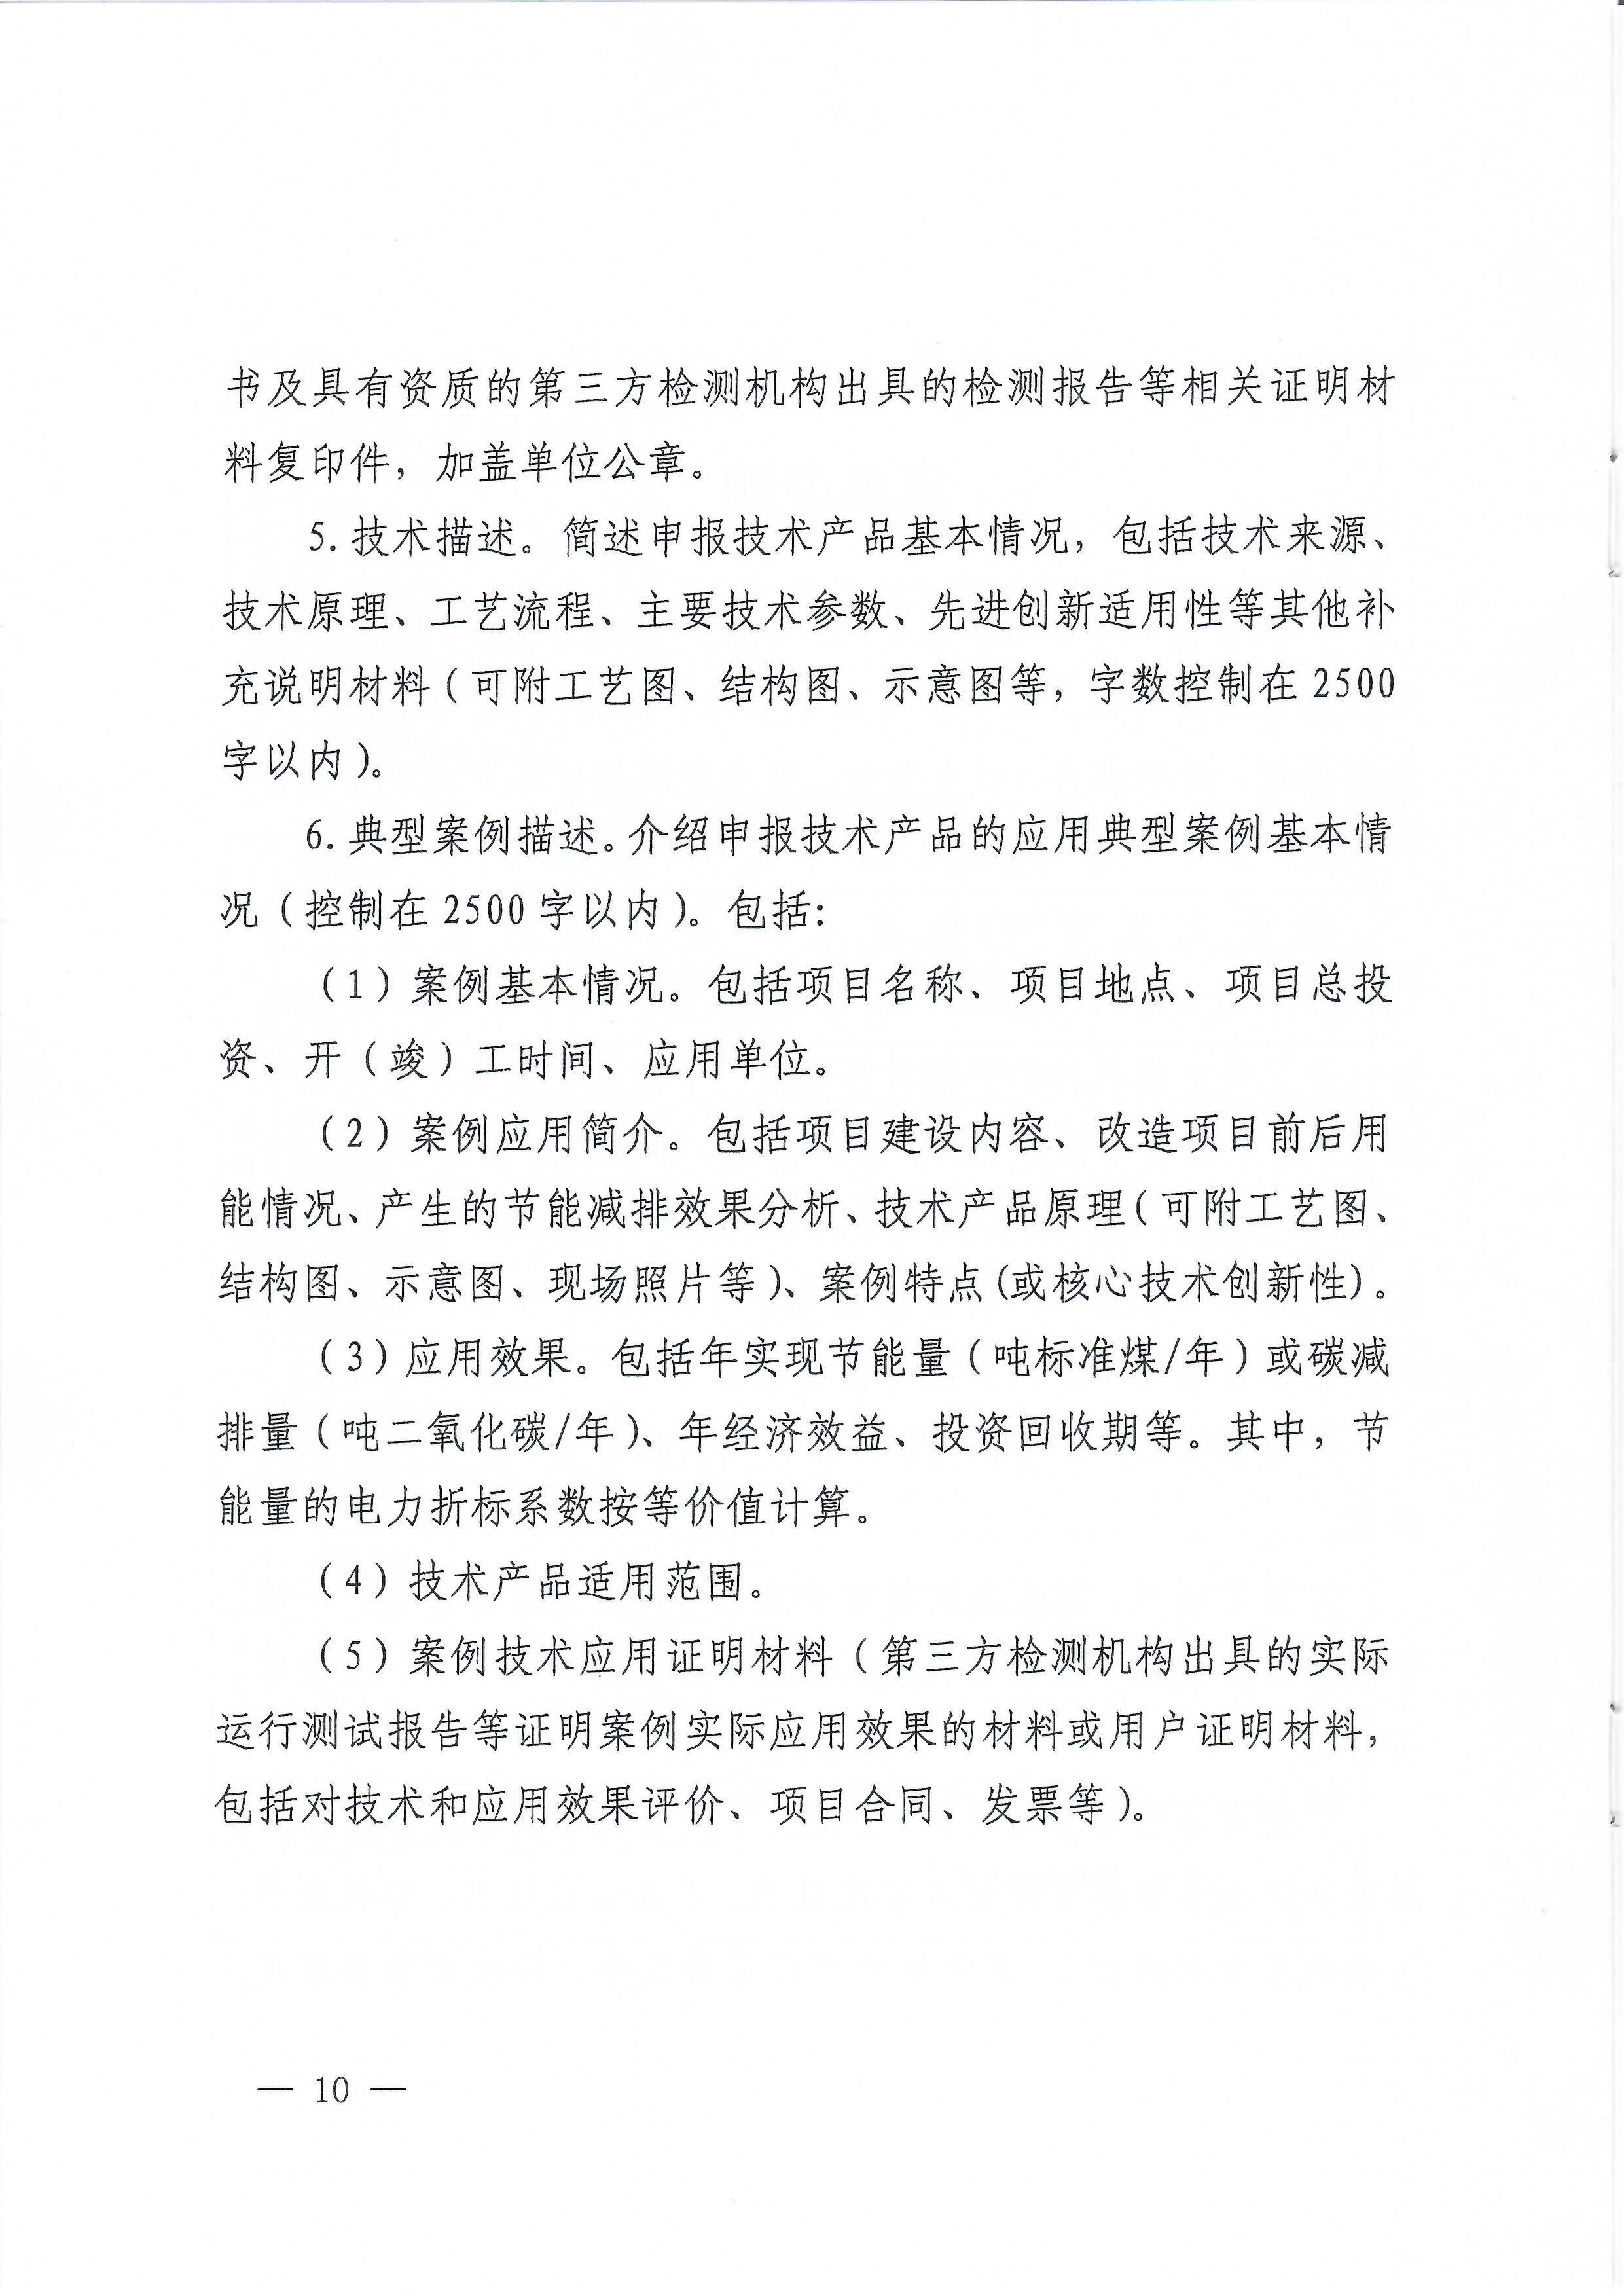 北京市节能技术产品征集通知_页面_10.jpg